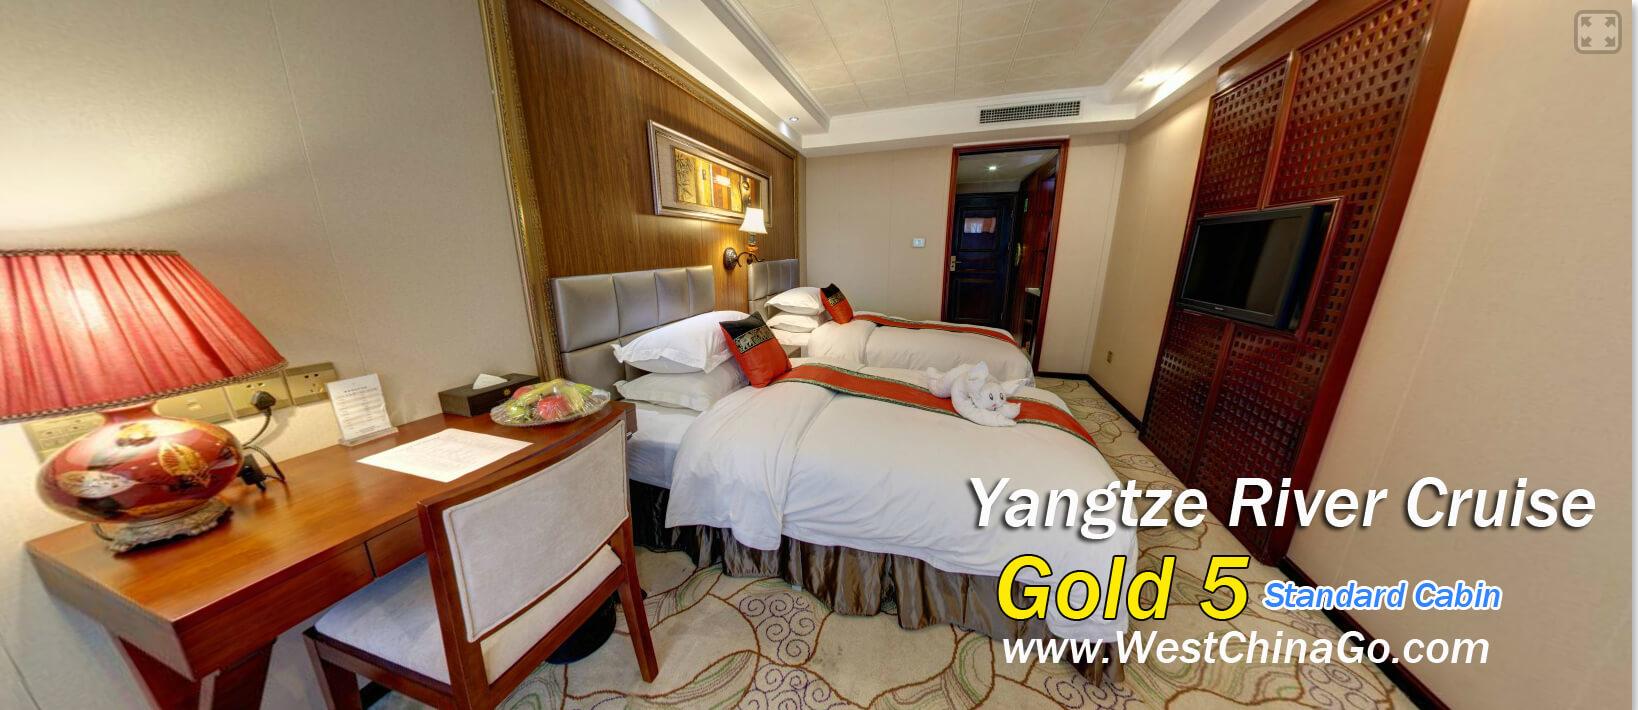 Gold 5 standard room